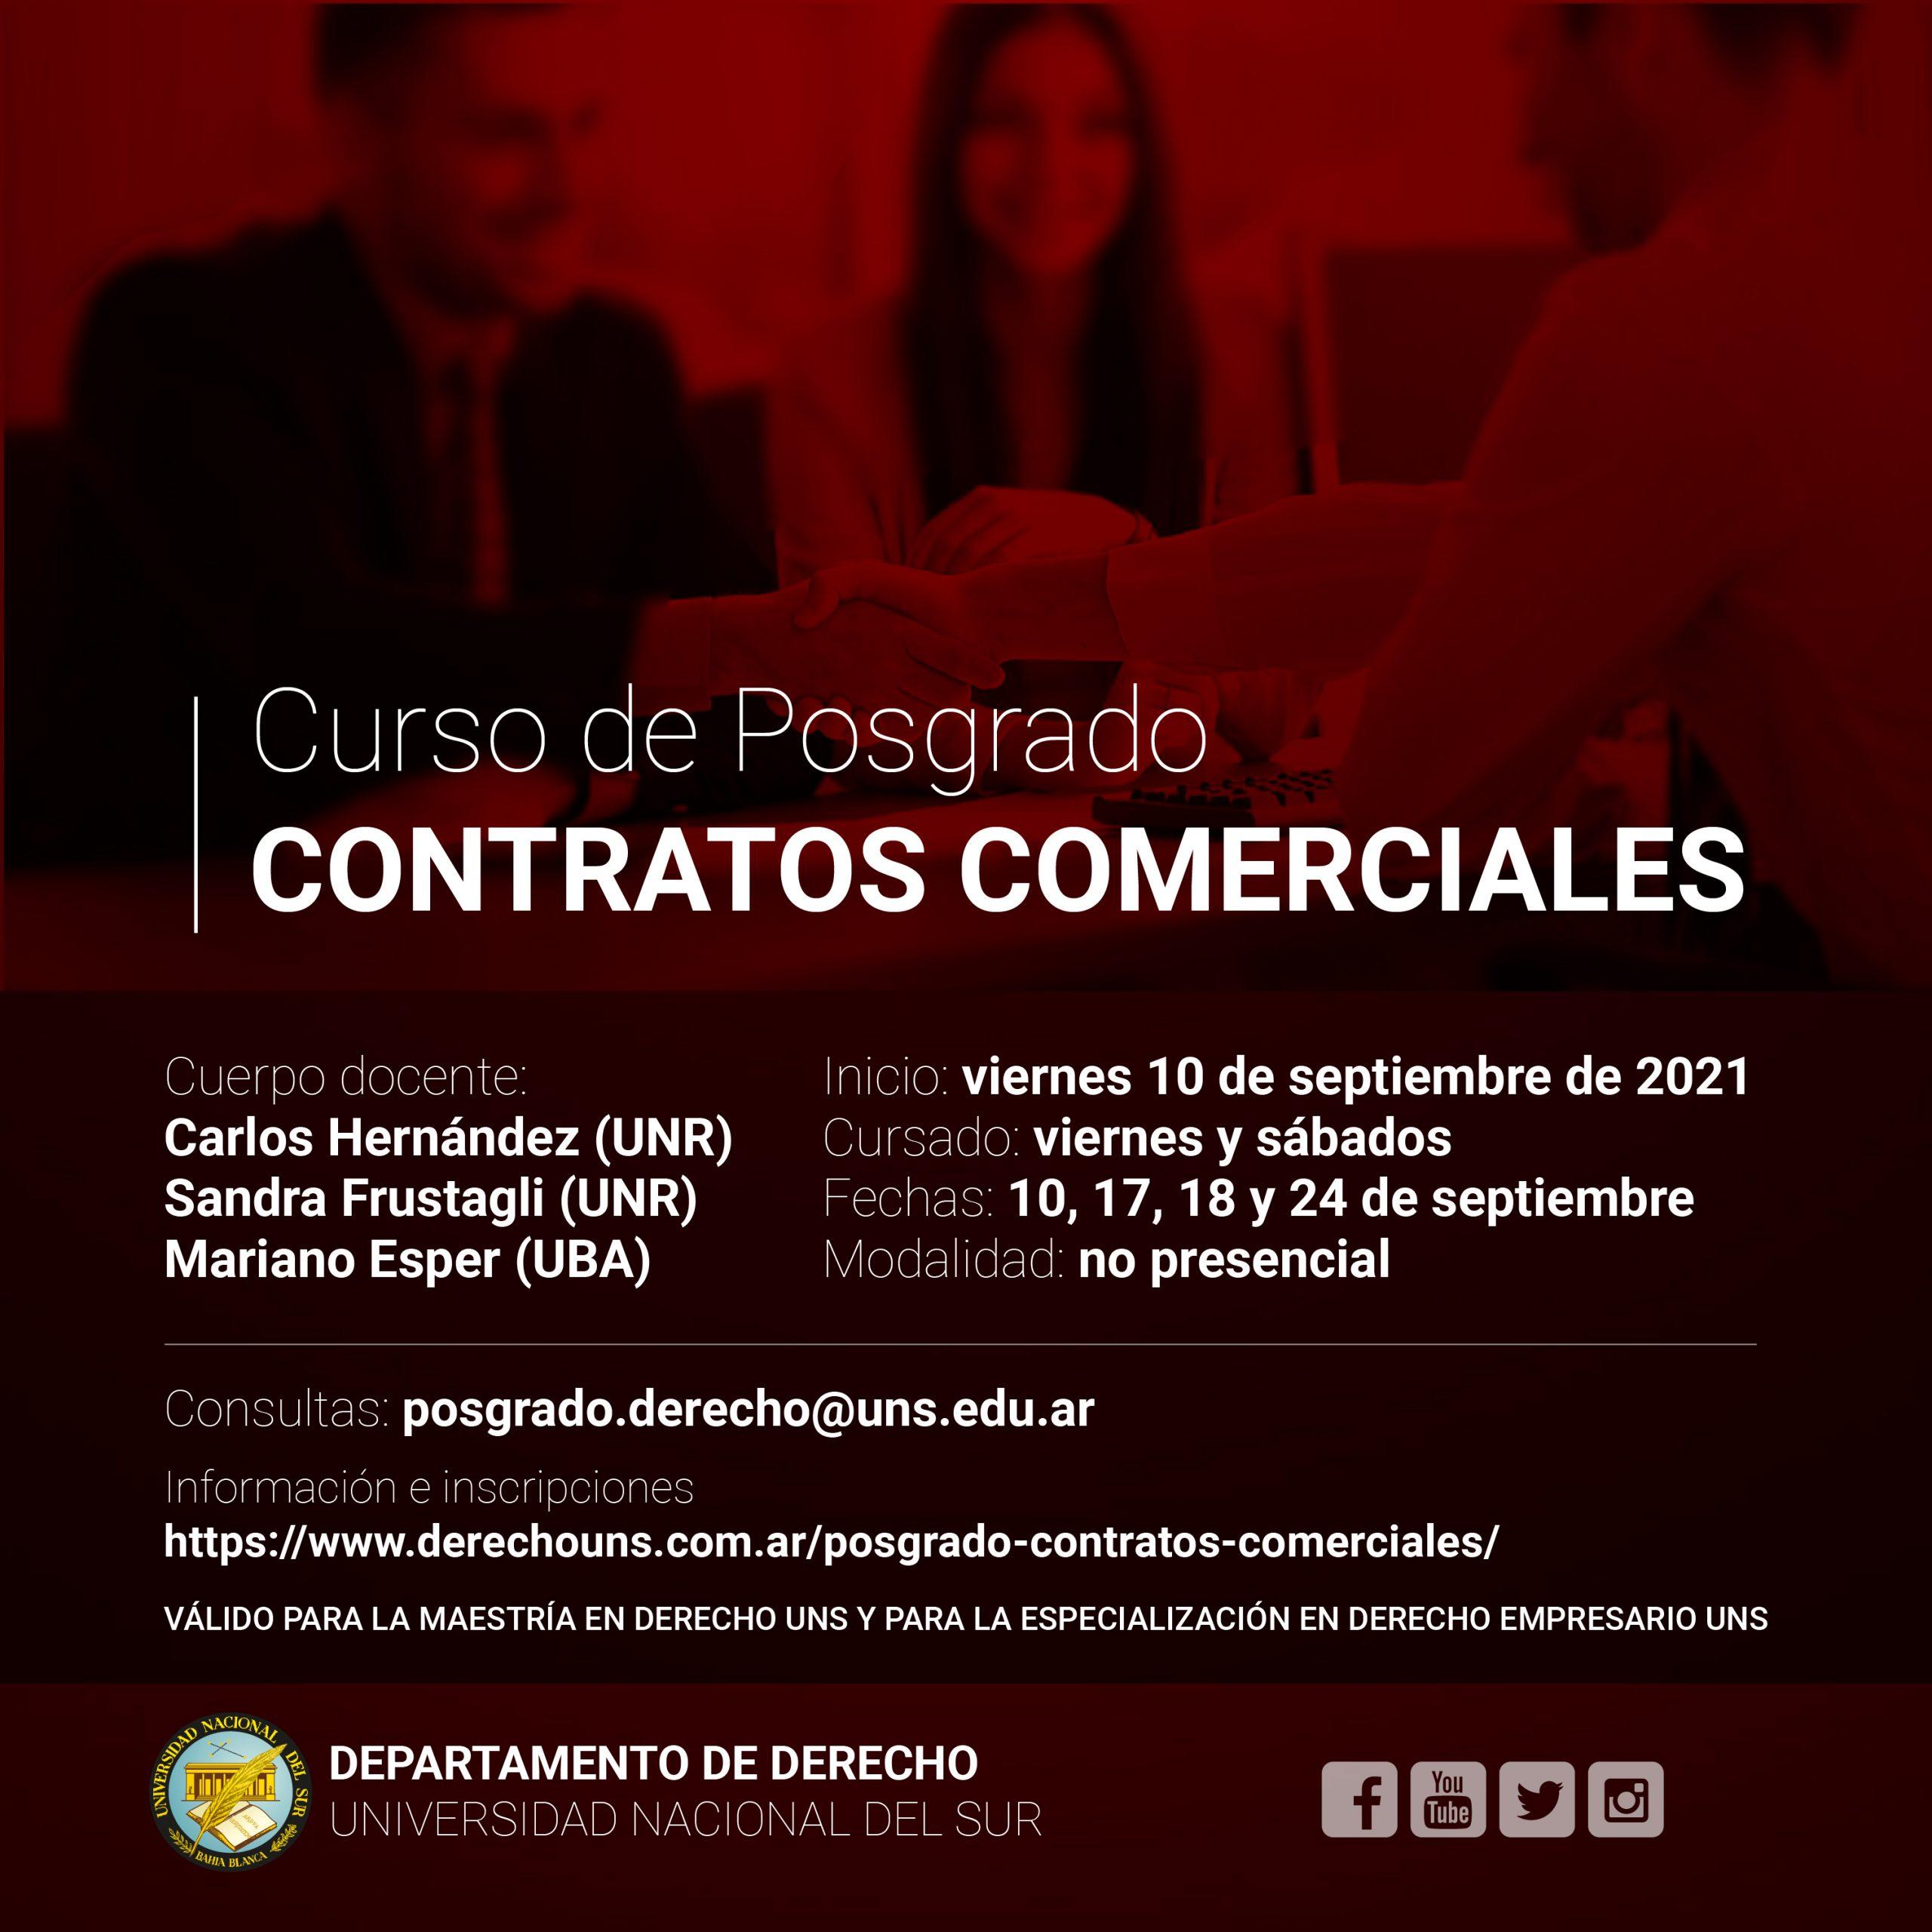 CONTRATOS COMERCIALES